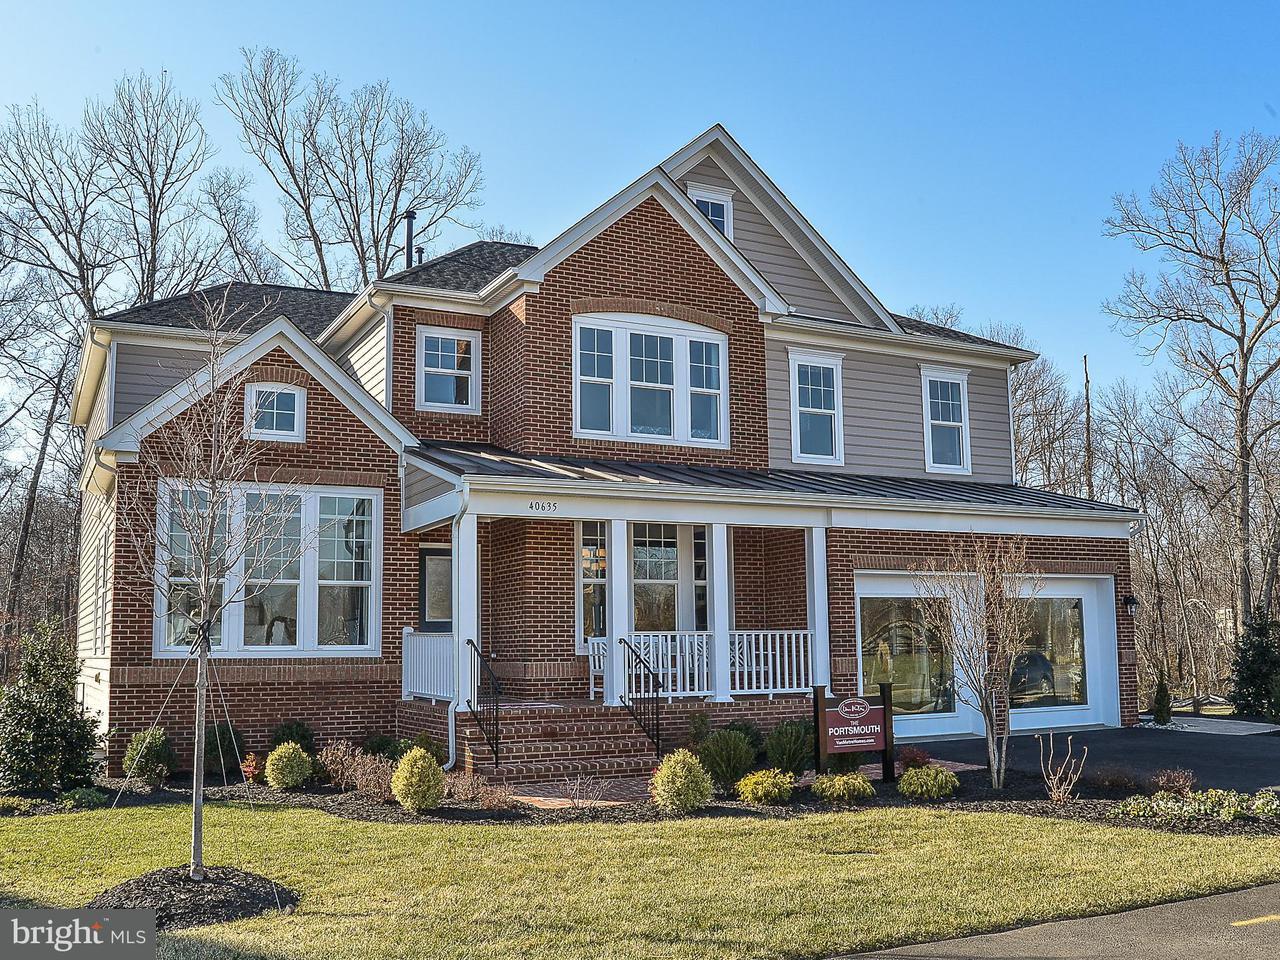 独户住宅 为 销售 在 42302 STONEMONT CIR E 42302 STONEMONT CIR E Brambleton, 弗吉尼亚州 20148 美国